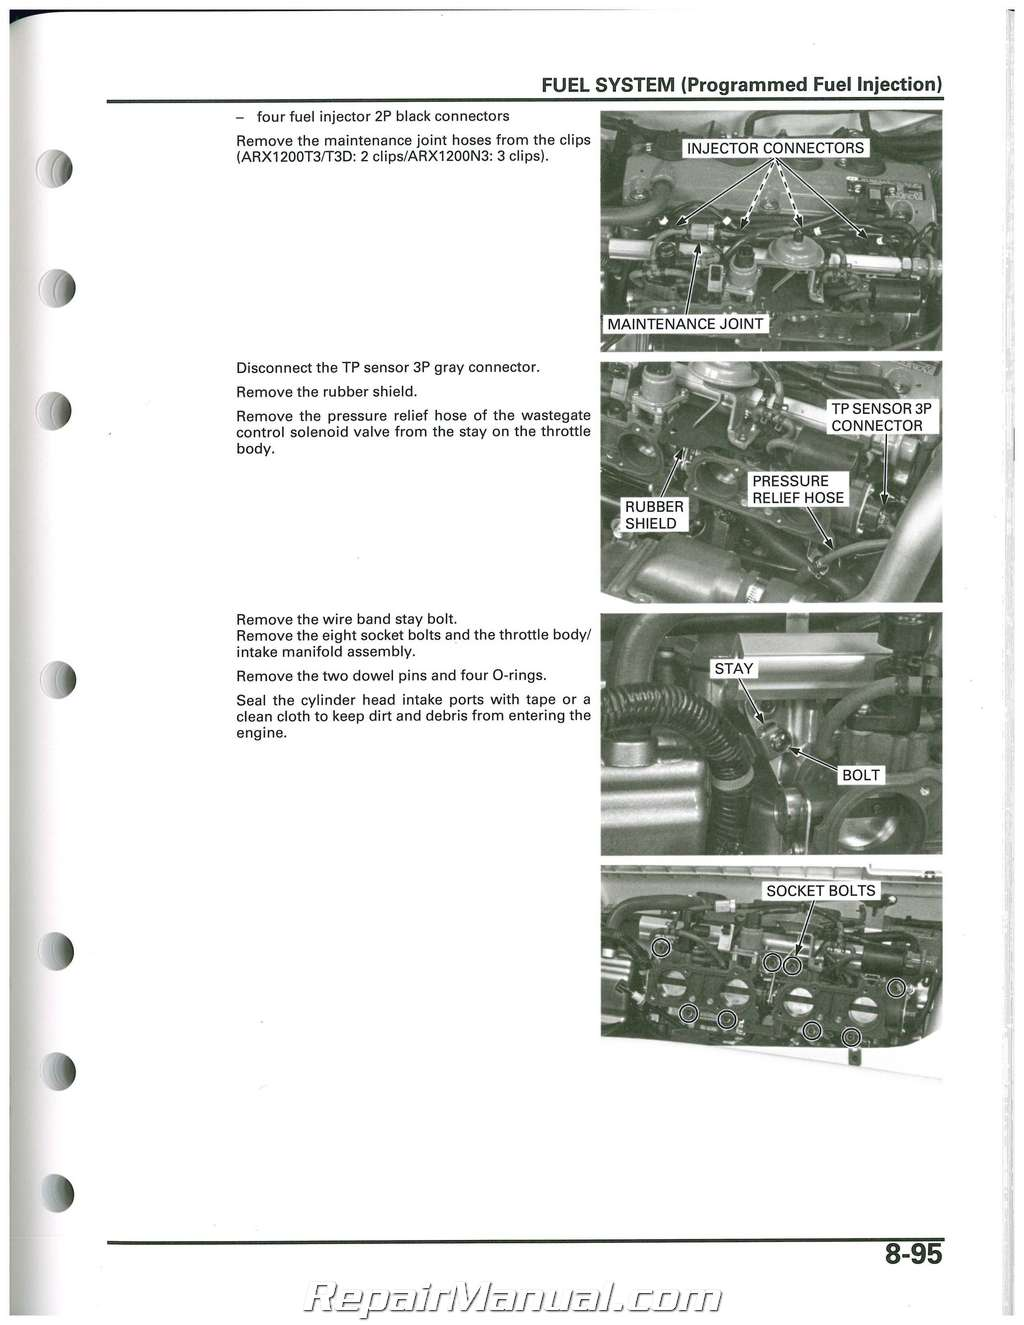 2004 2007 honda arx1200 aquatrax n3 t3 t3d owners service manual rh repairmanual com Aquatrax Tires Aquatrax 15X F